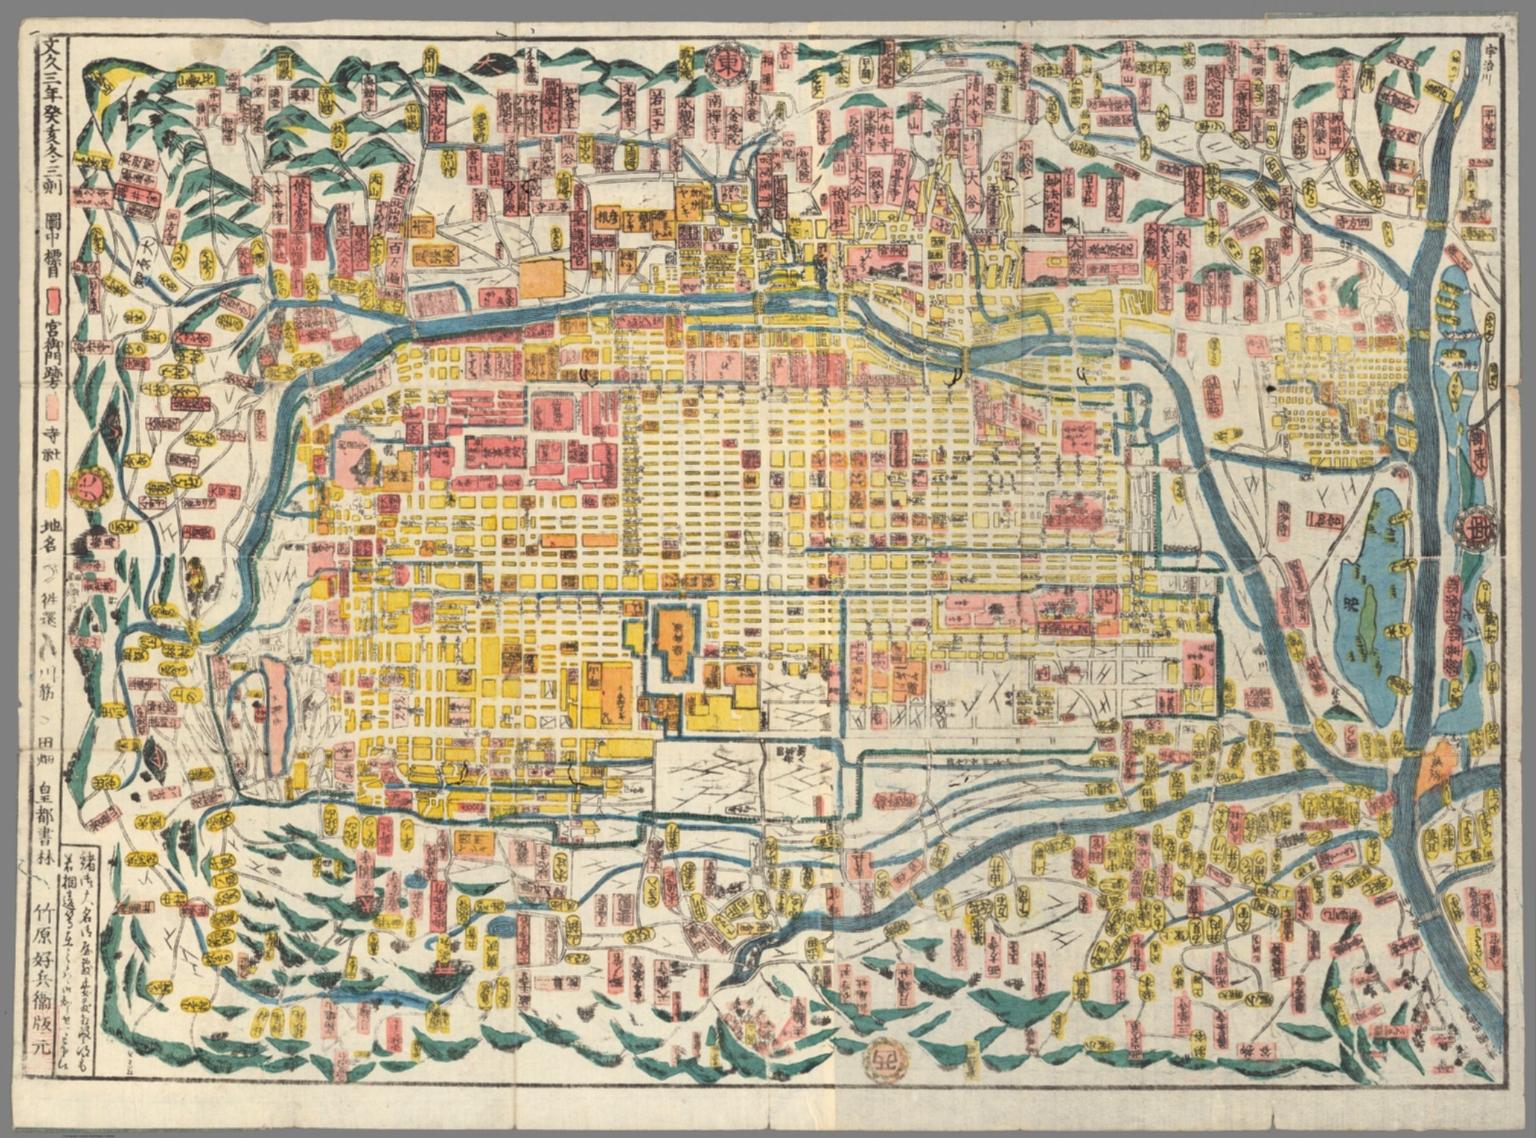 Bunkyu 3 (1863 map of Kyoto, Japan).